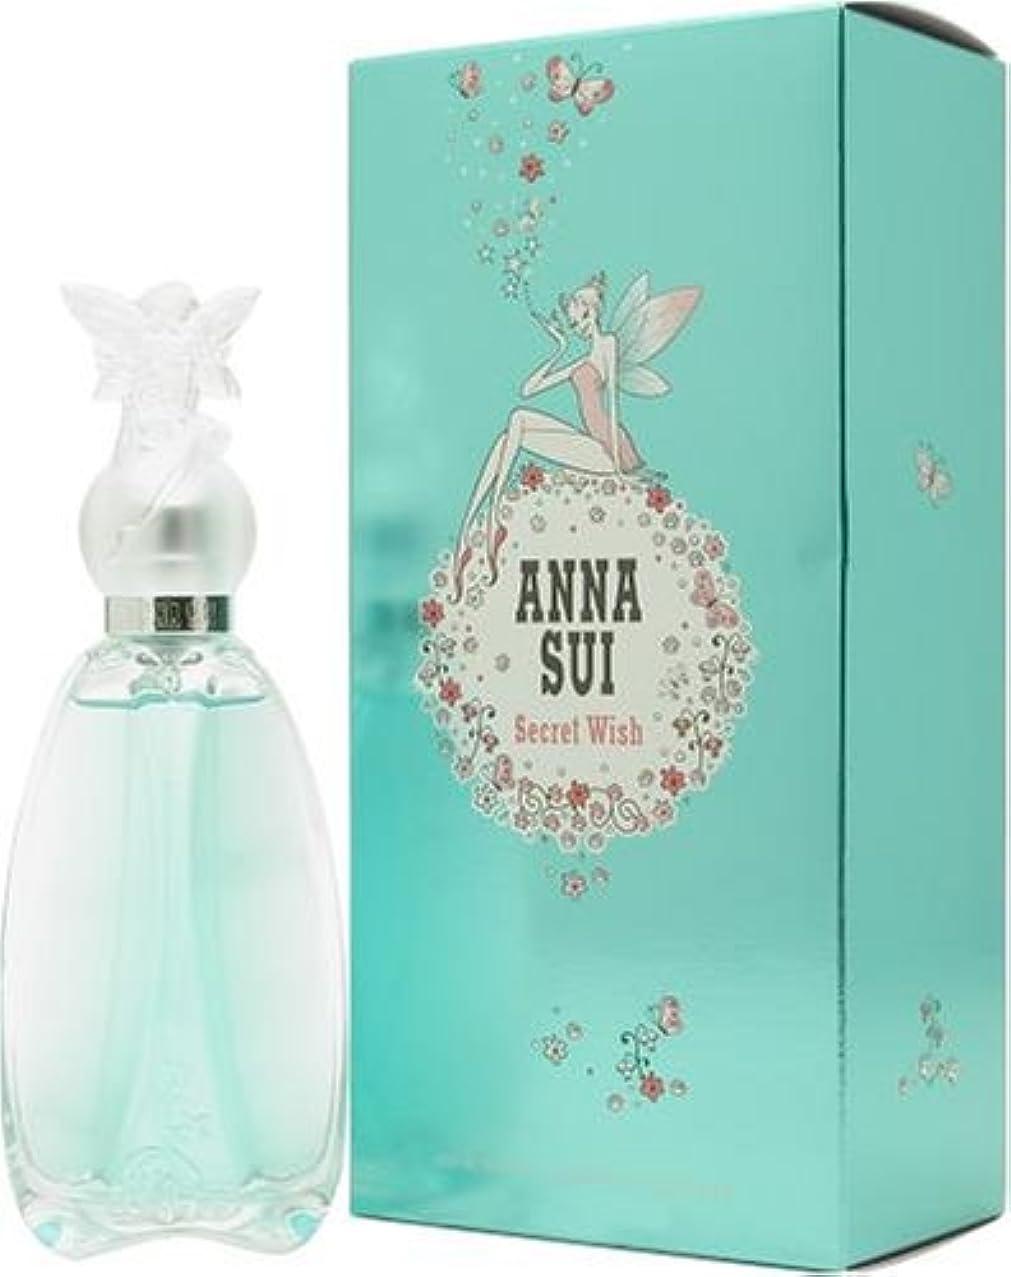 牽引脅迫陸軍アナスイ ANNA SUI シークレット ウィッシュ オードトワレ EDT 30mL 香水